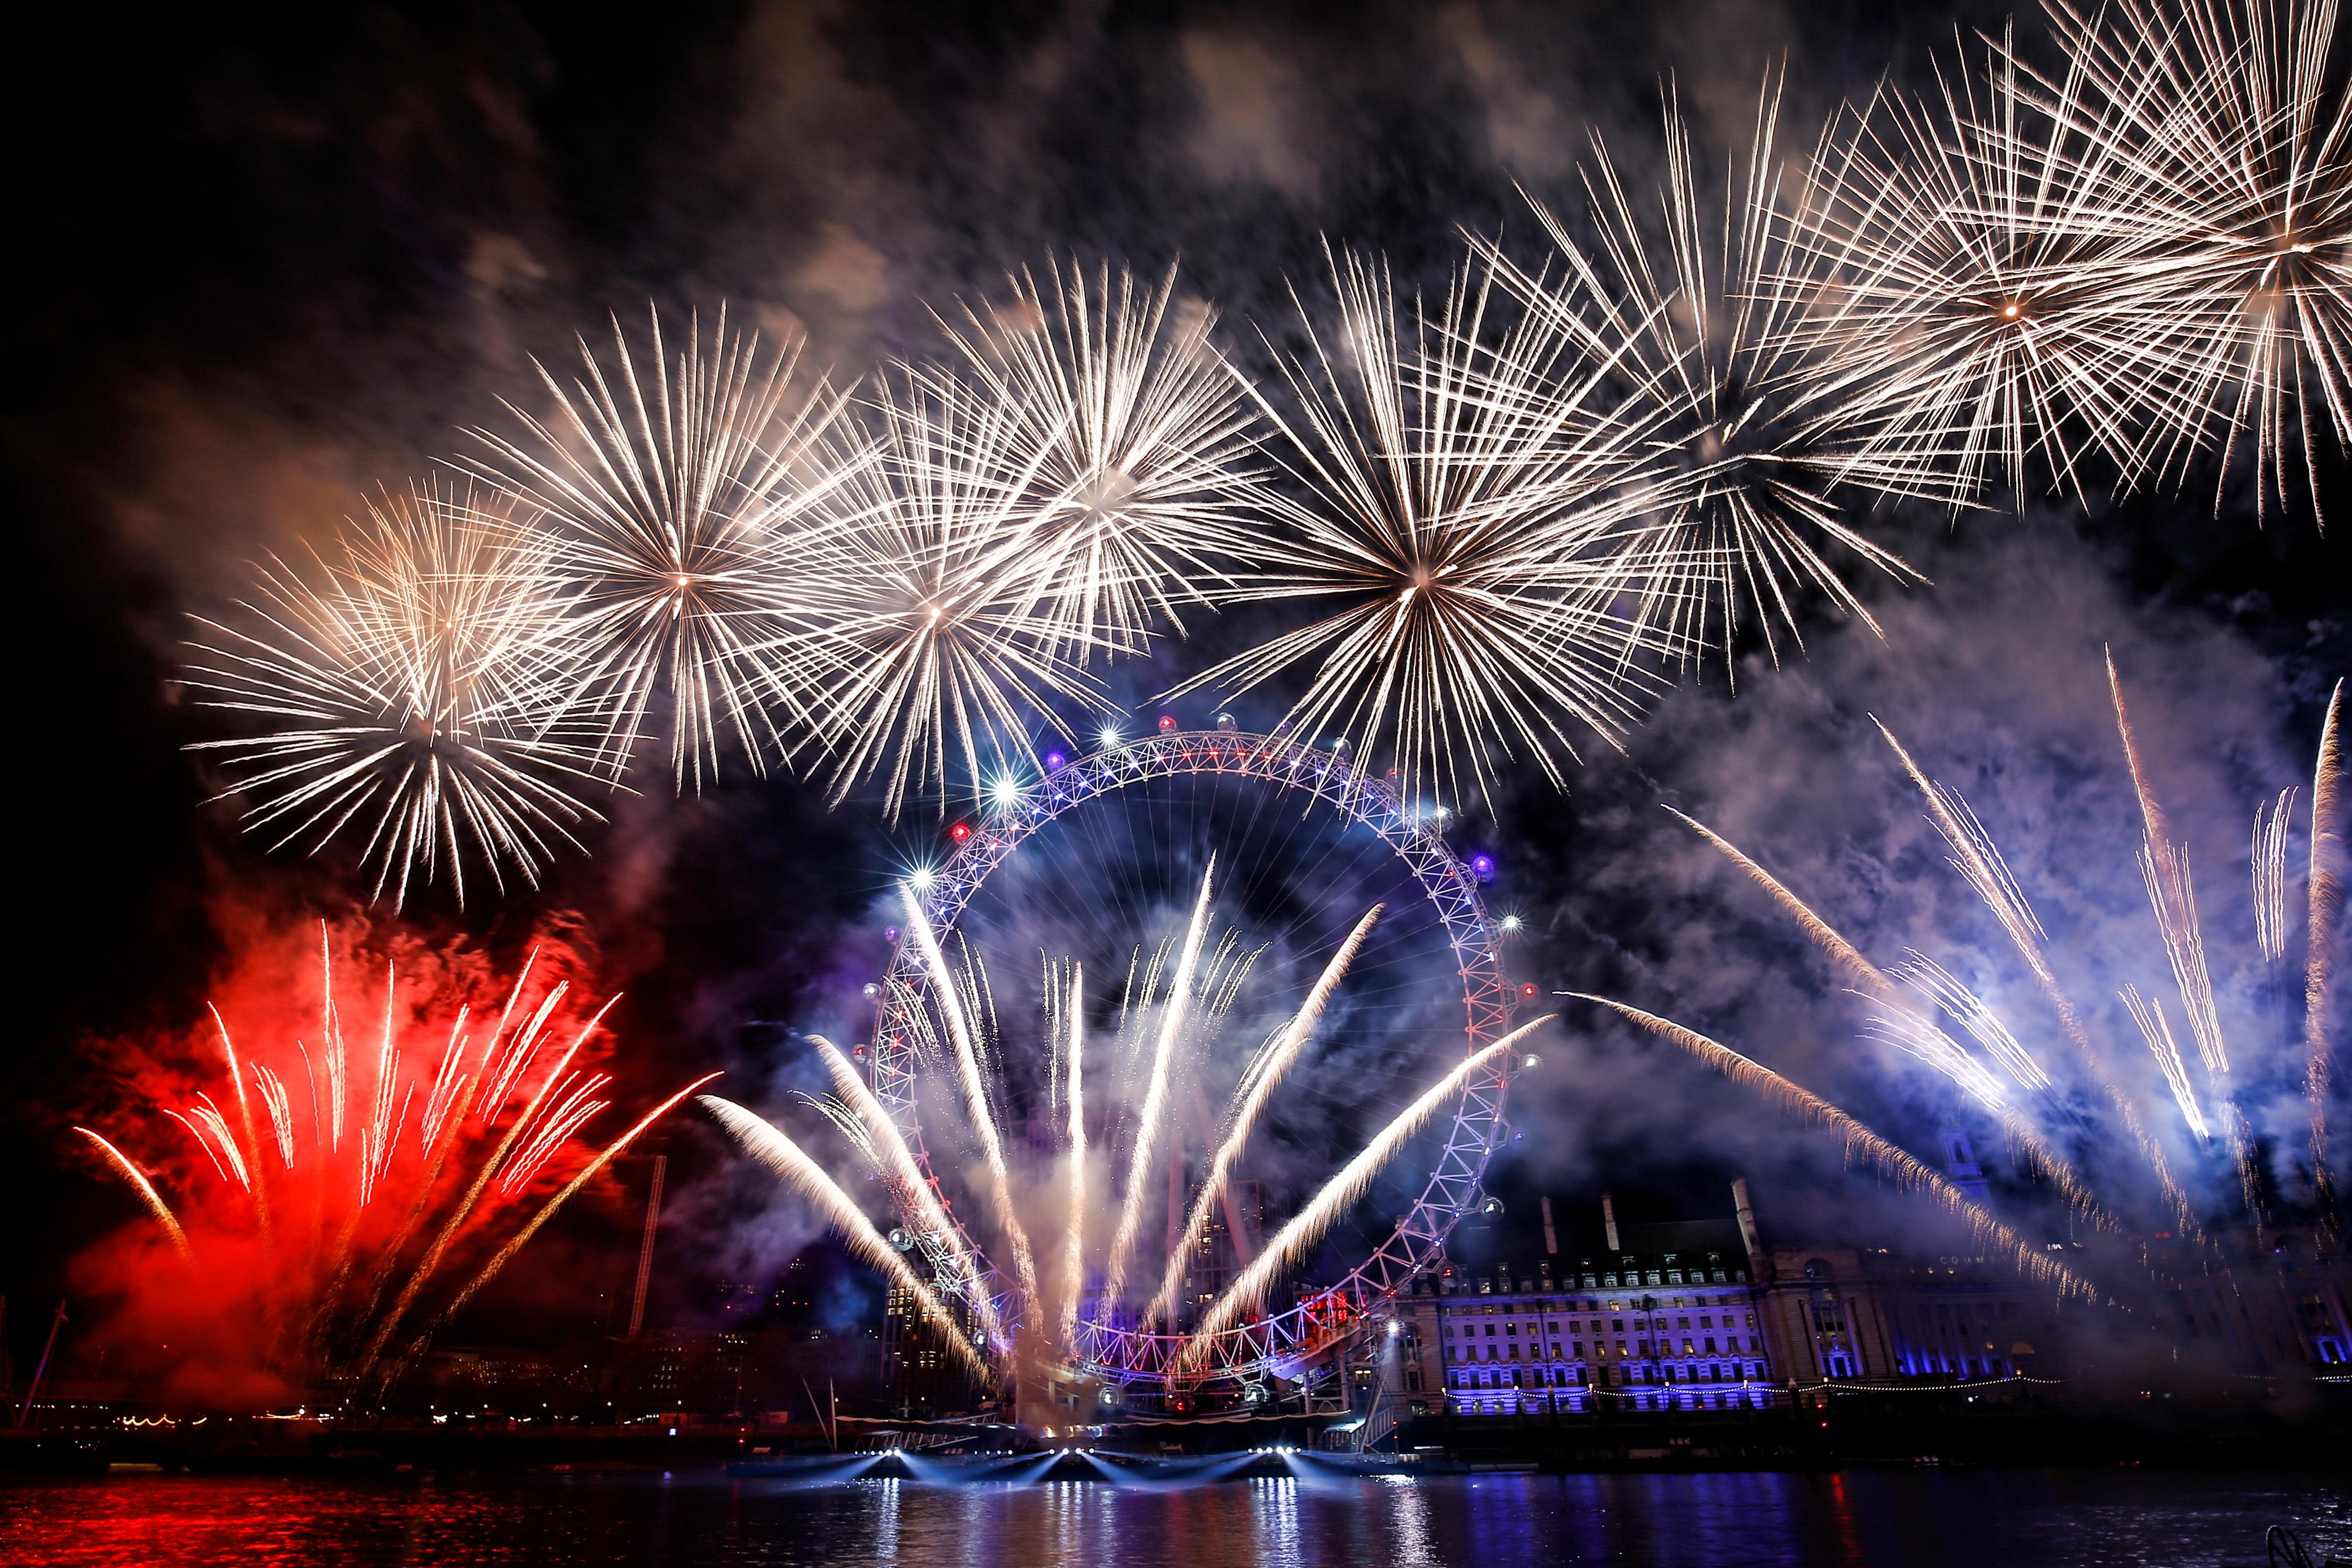 Pháo hoa thắp sáng trời Âu thời khắc bước sang năm mới 2020 - 9